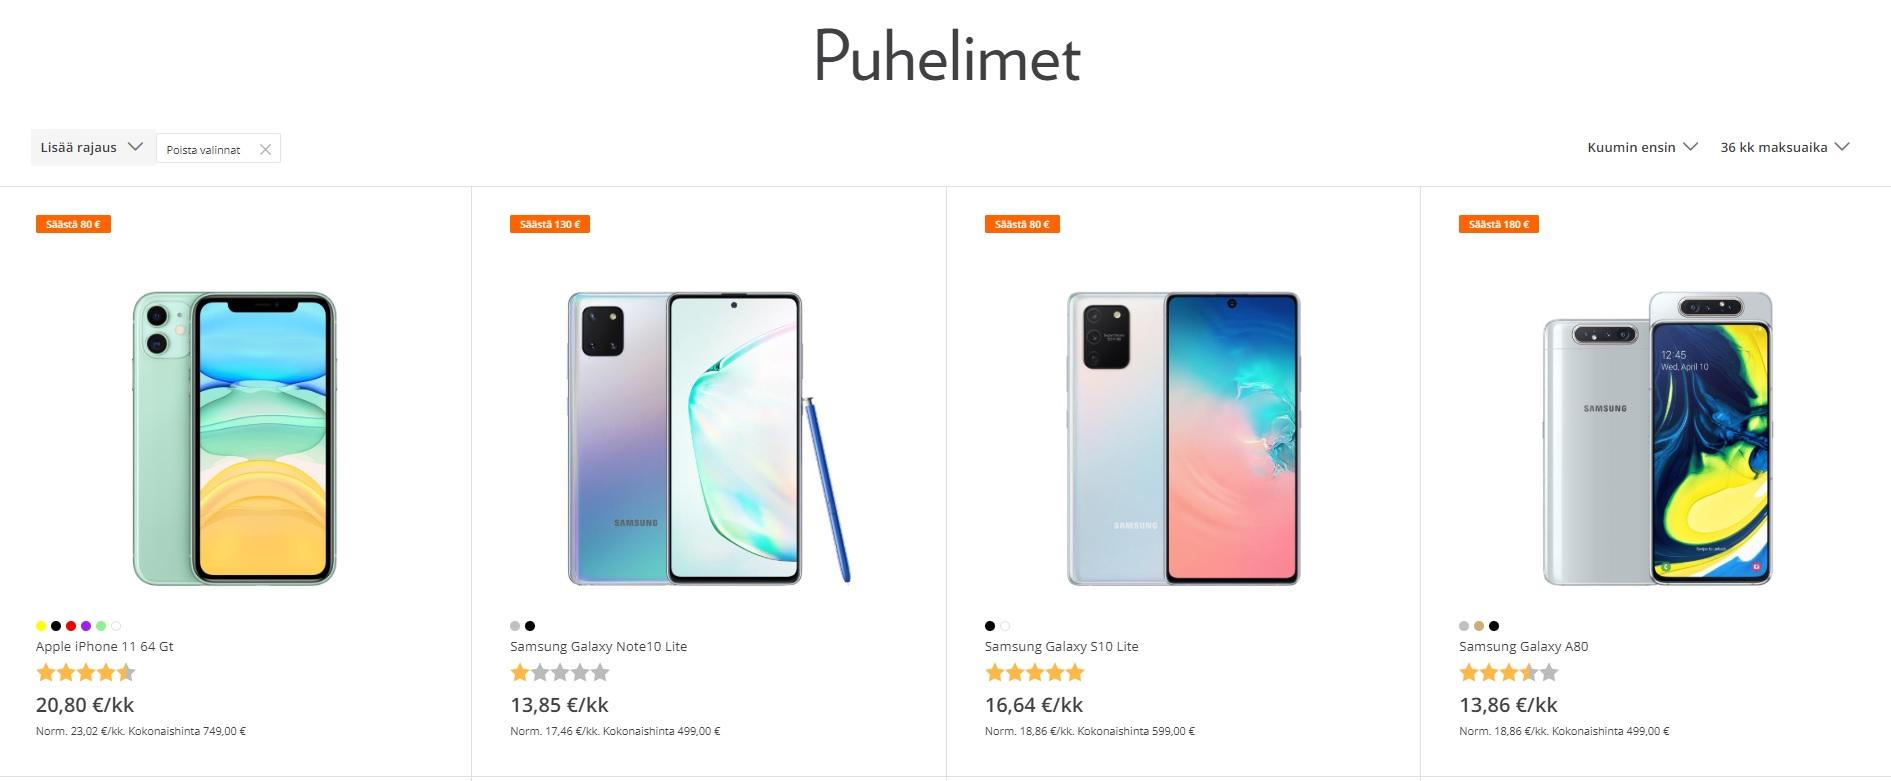 Osta uusi älypuhelin